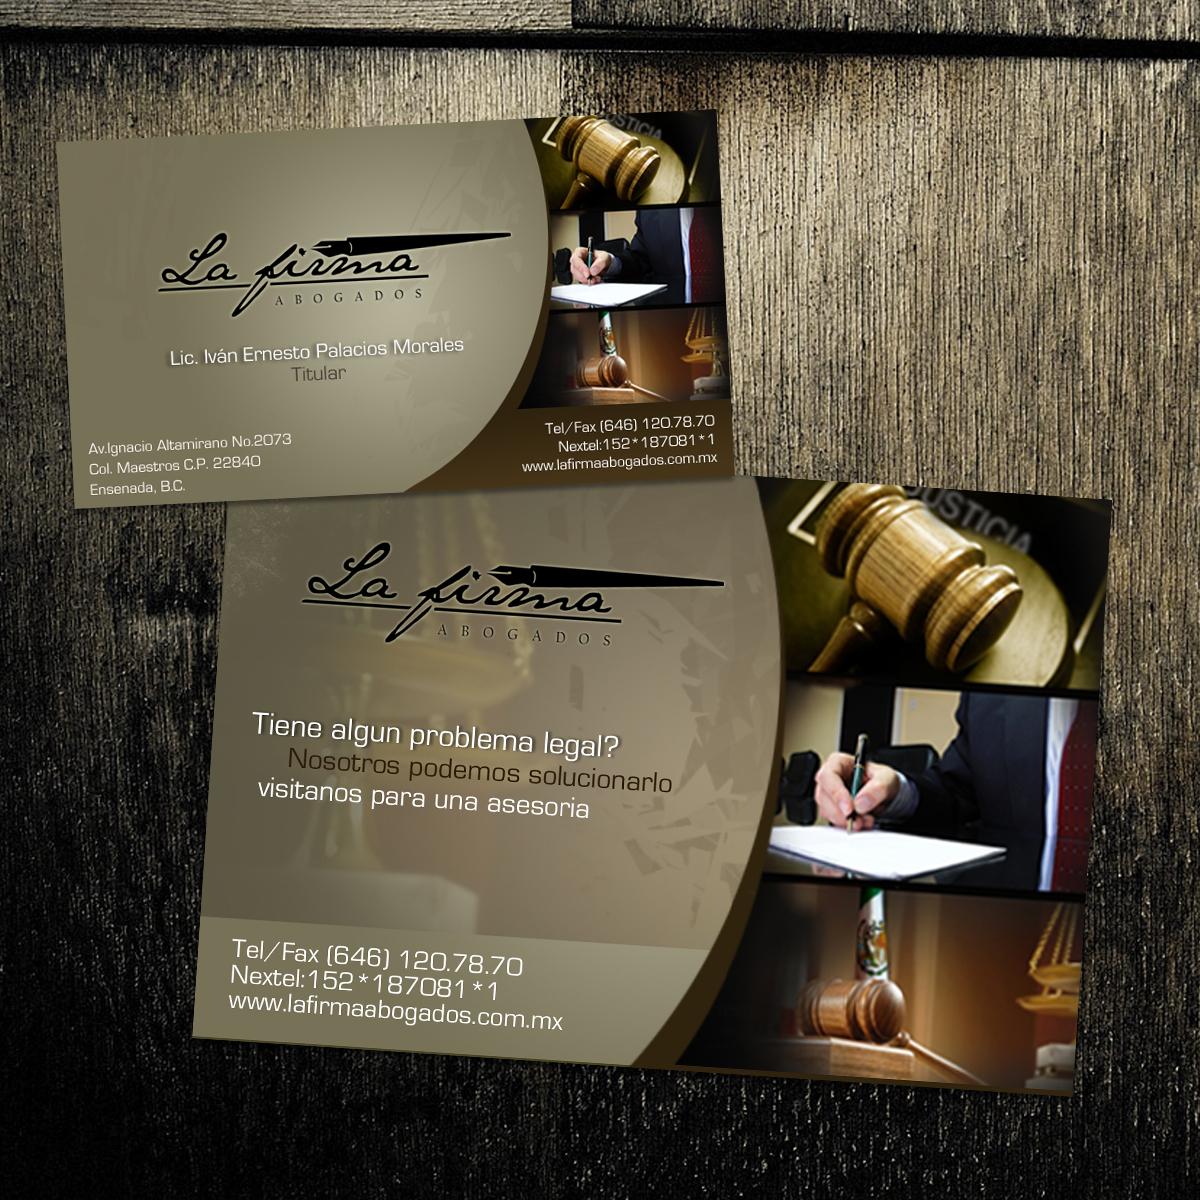 La Firma abogados imagen corporativa ( tarjetas y postales)